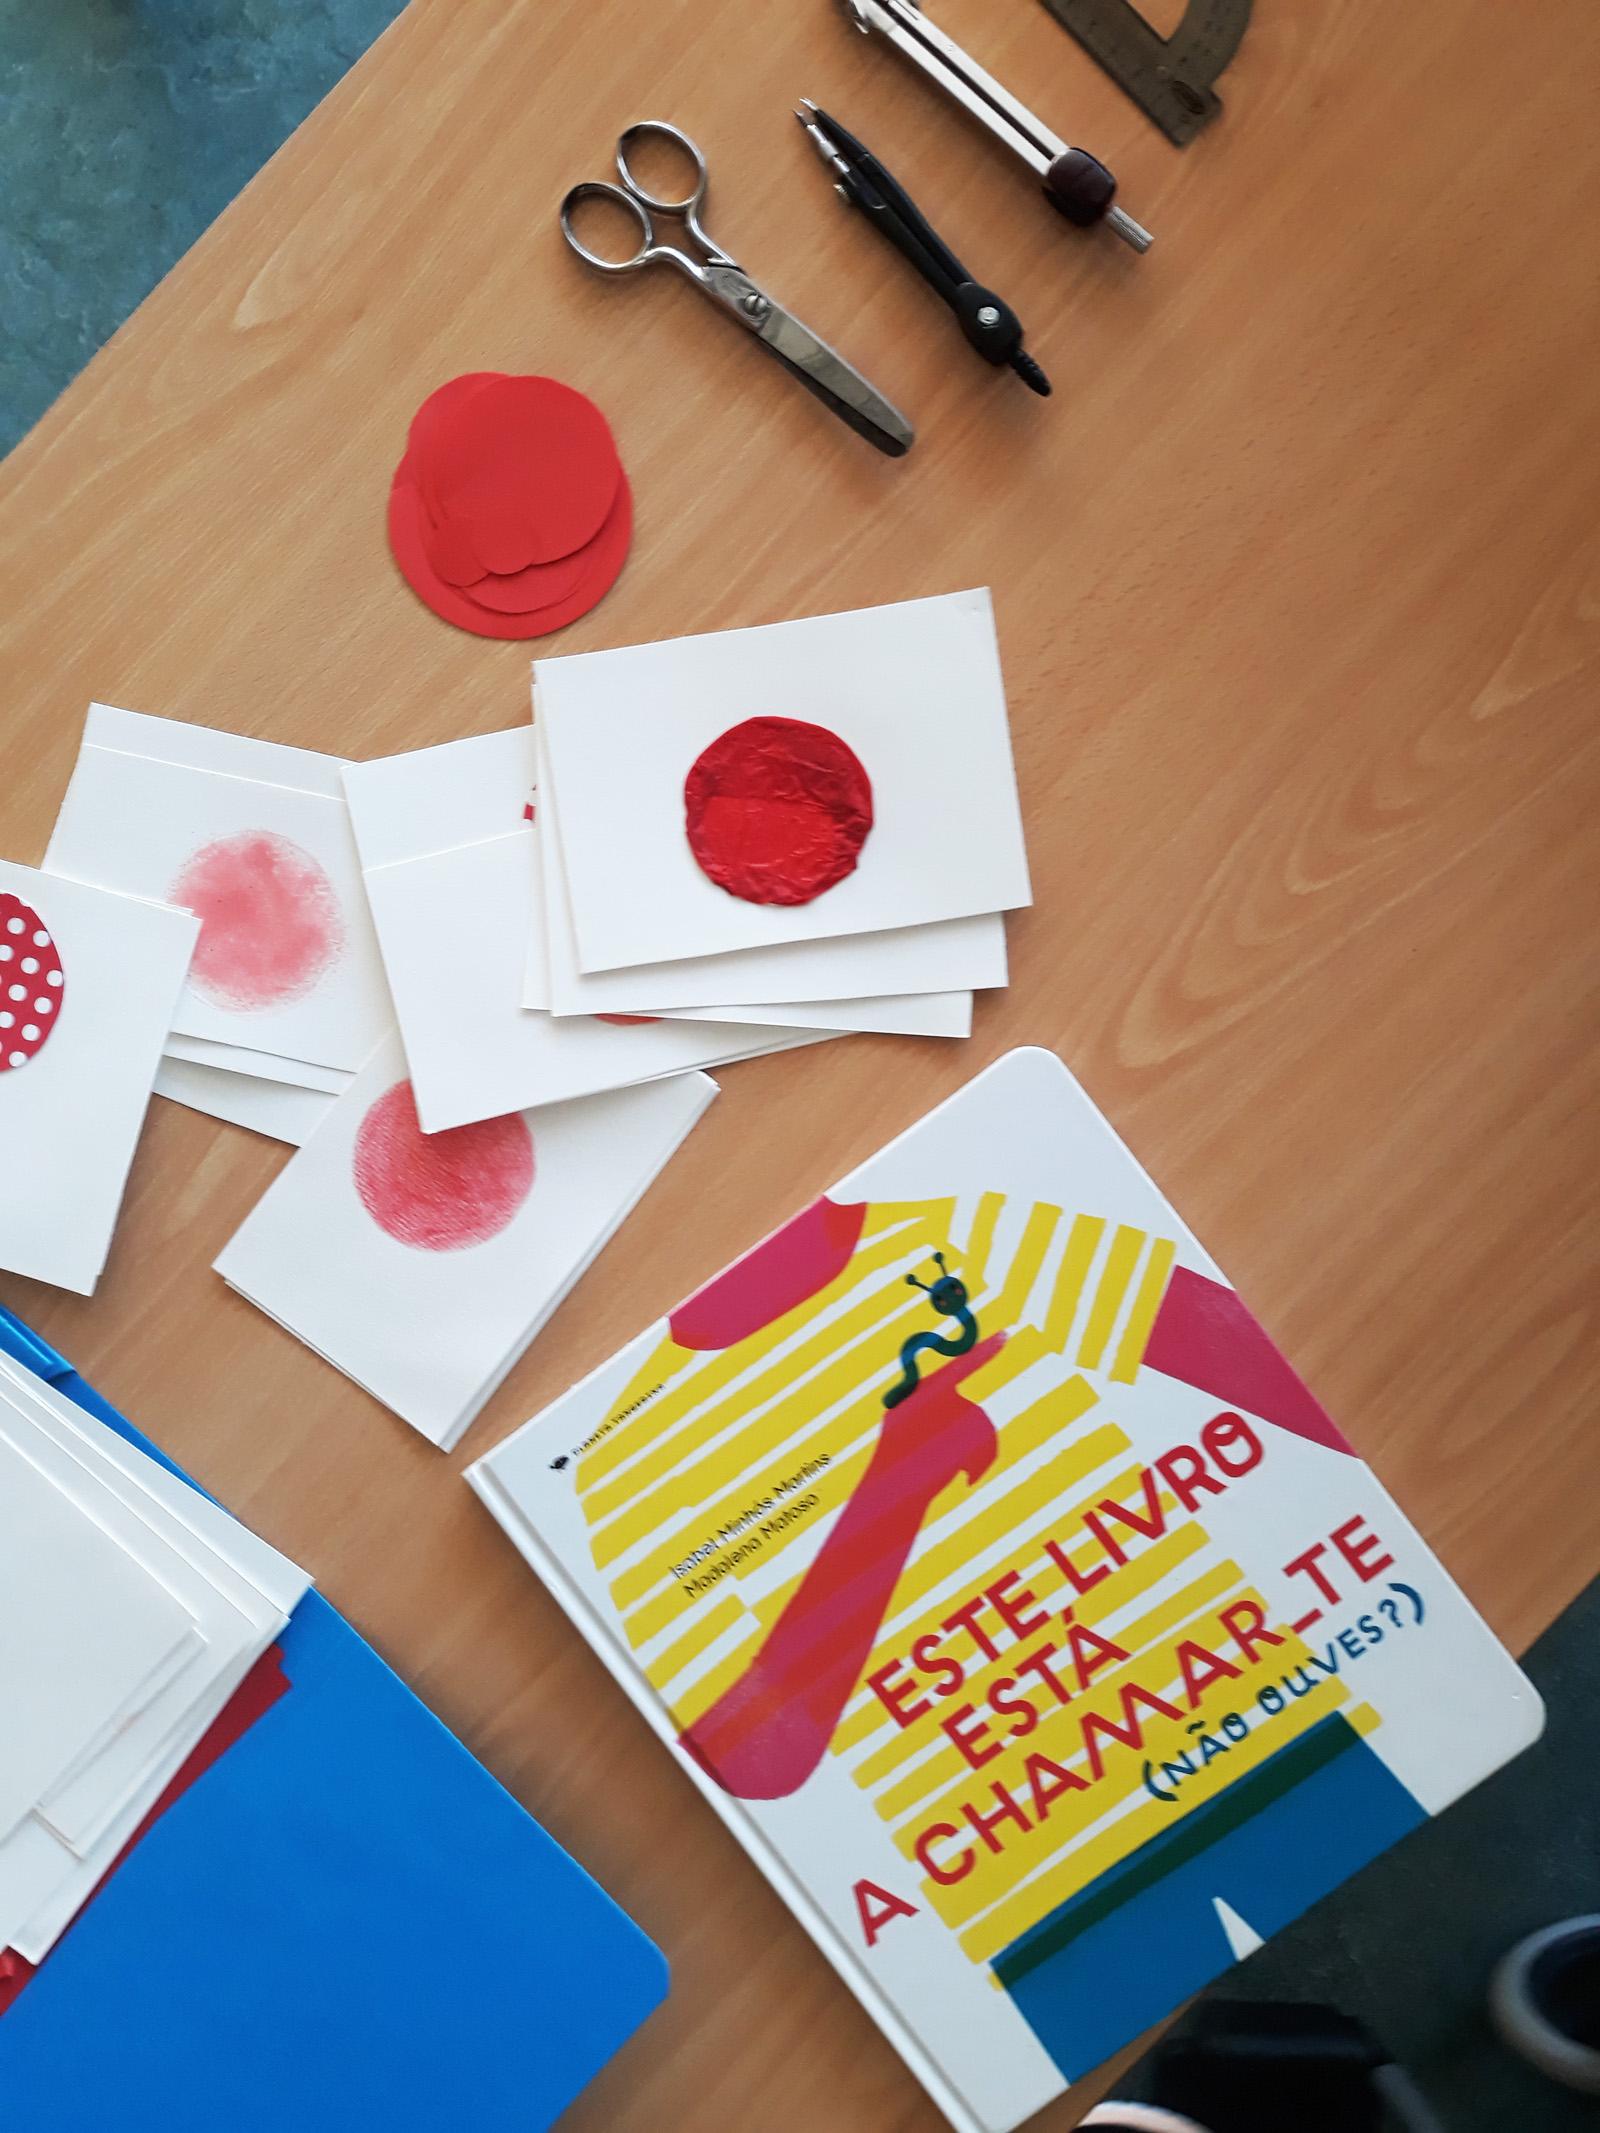 O livro fechado e vários cartões brancos com um círculo vermelho de texturas diferentes. Tesoura e compasso em cima da secretária.